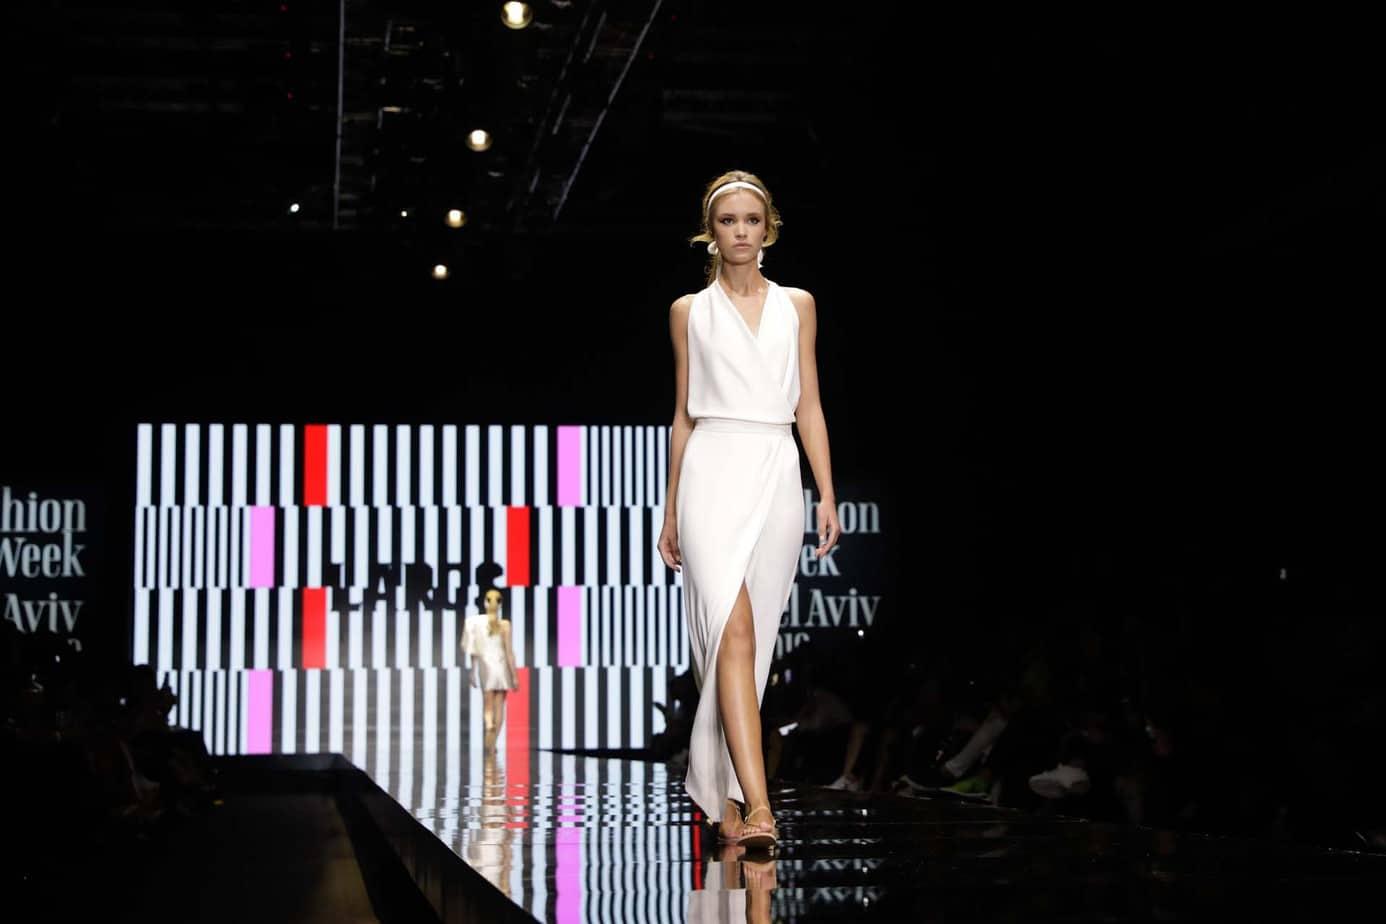 קולקציה עידן לרוס, תצוגת אופנה עידן לרוס שבוע האופנה תל אביב 2019, צילום עומר קפלן - 17